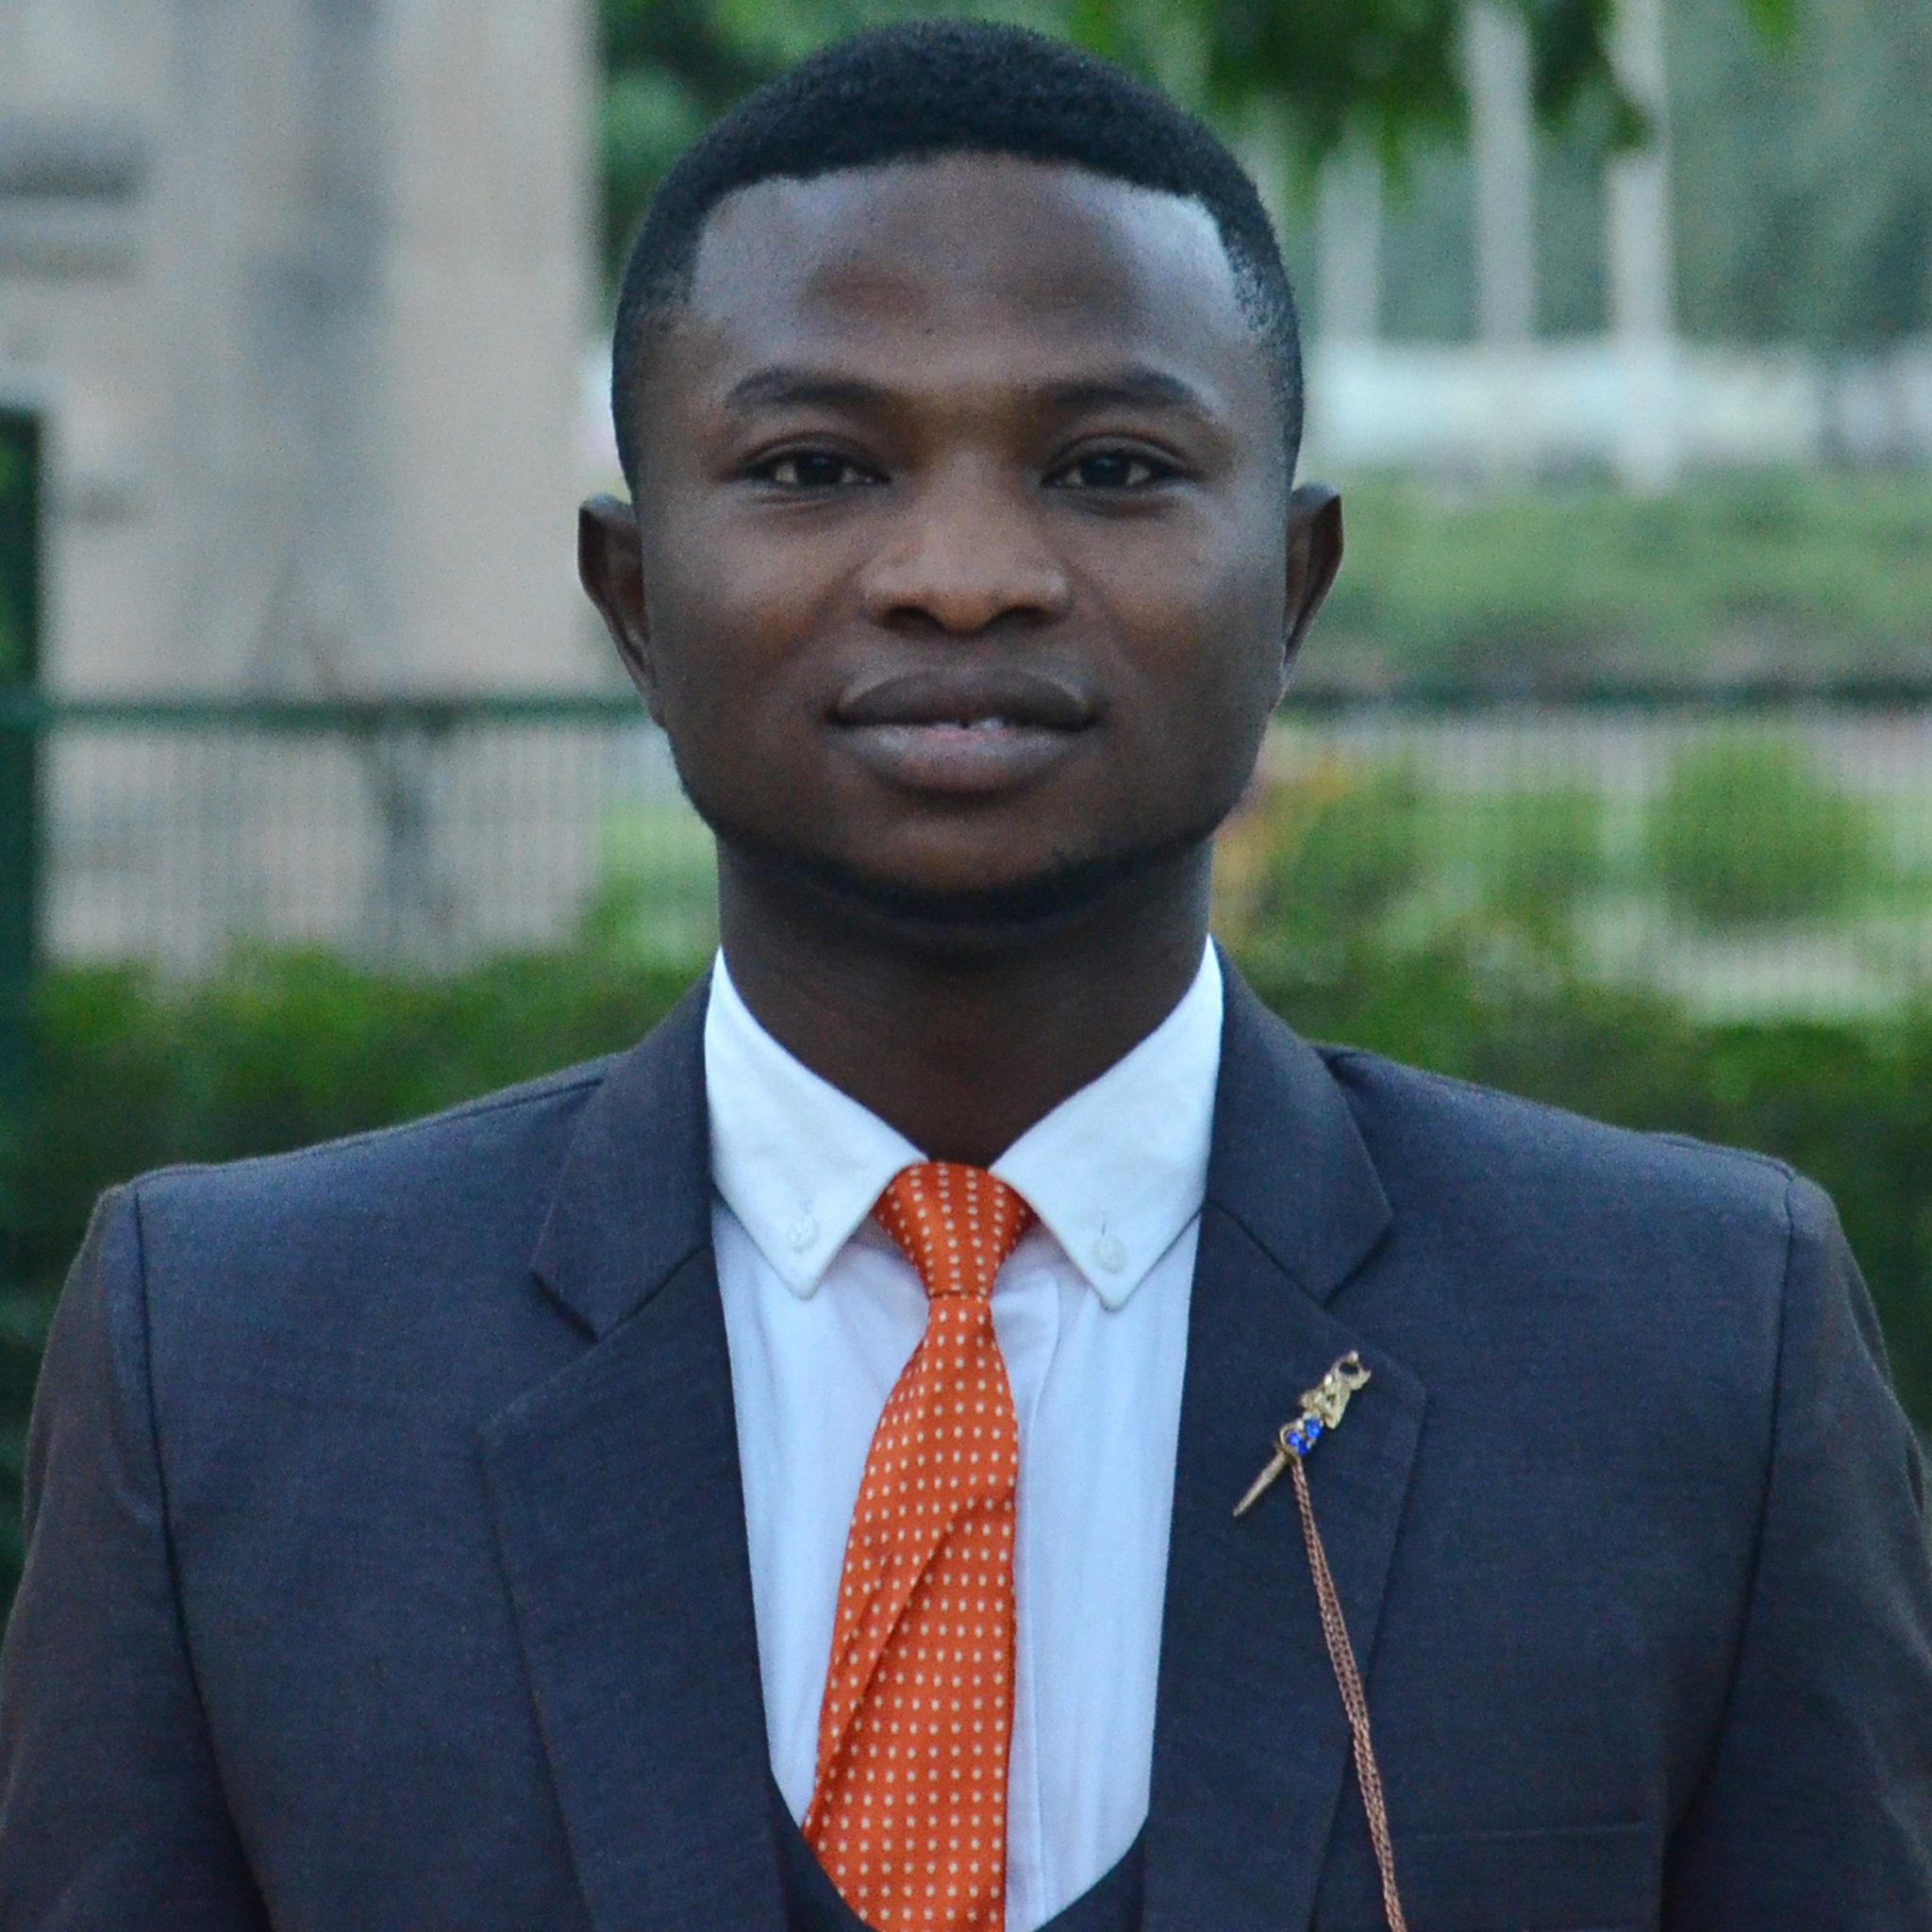 Oluwaseyi Ajala